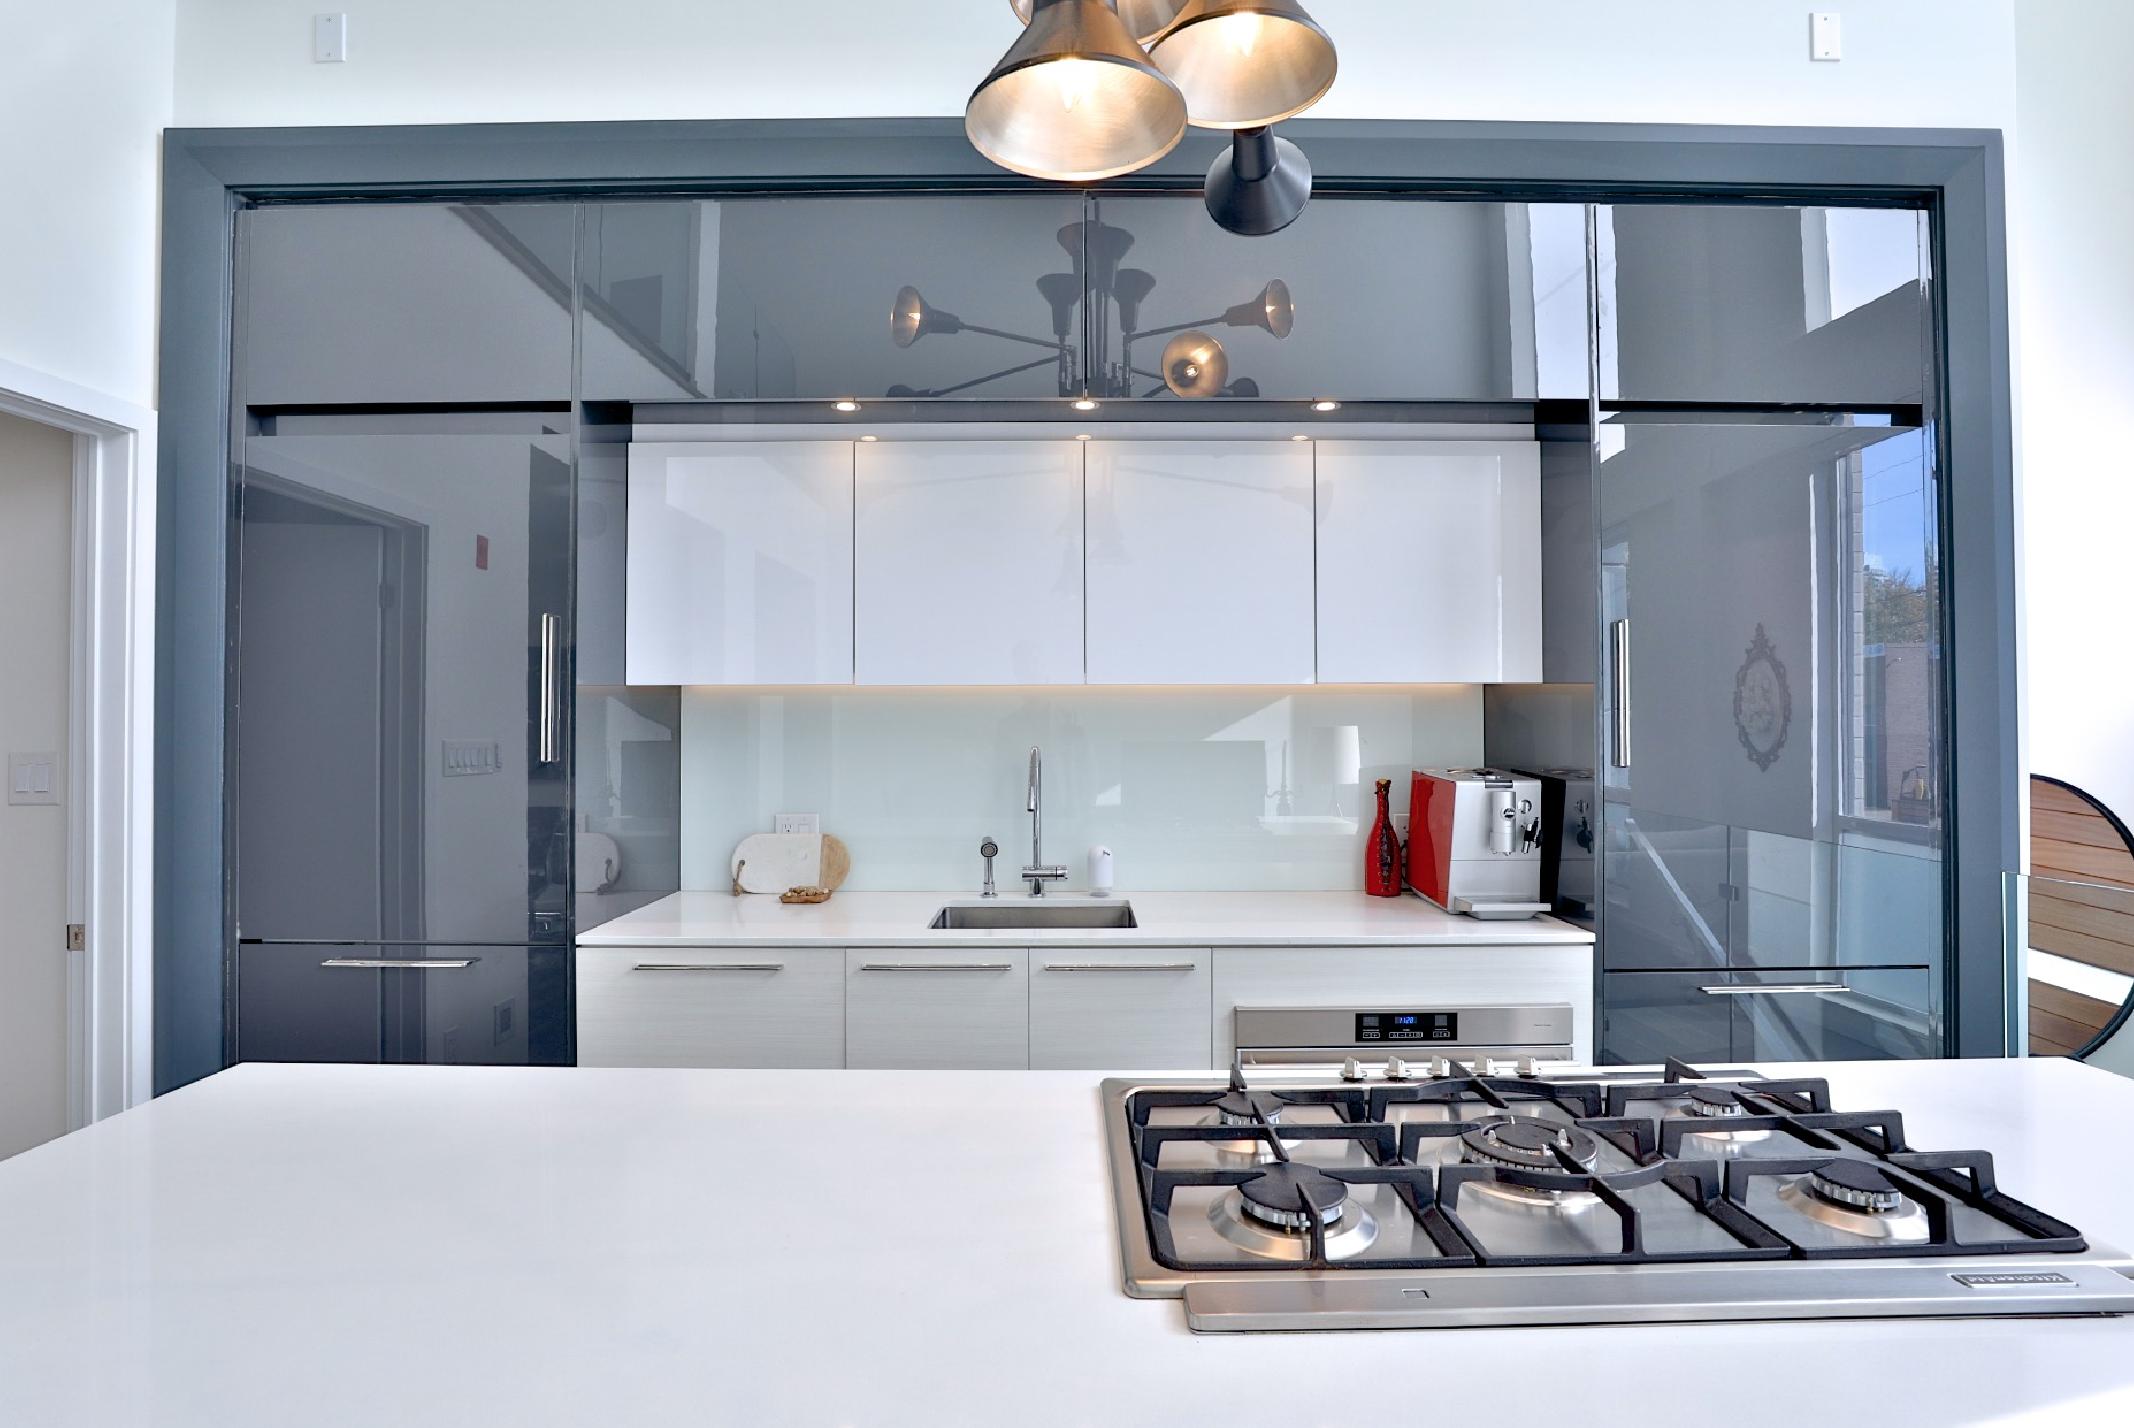 modern kitchen design.jpg